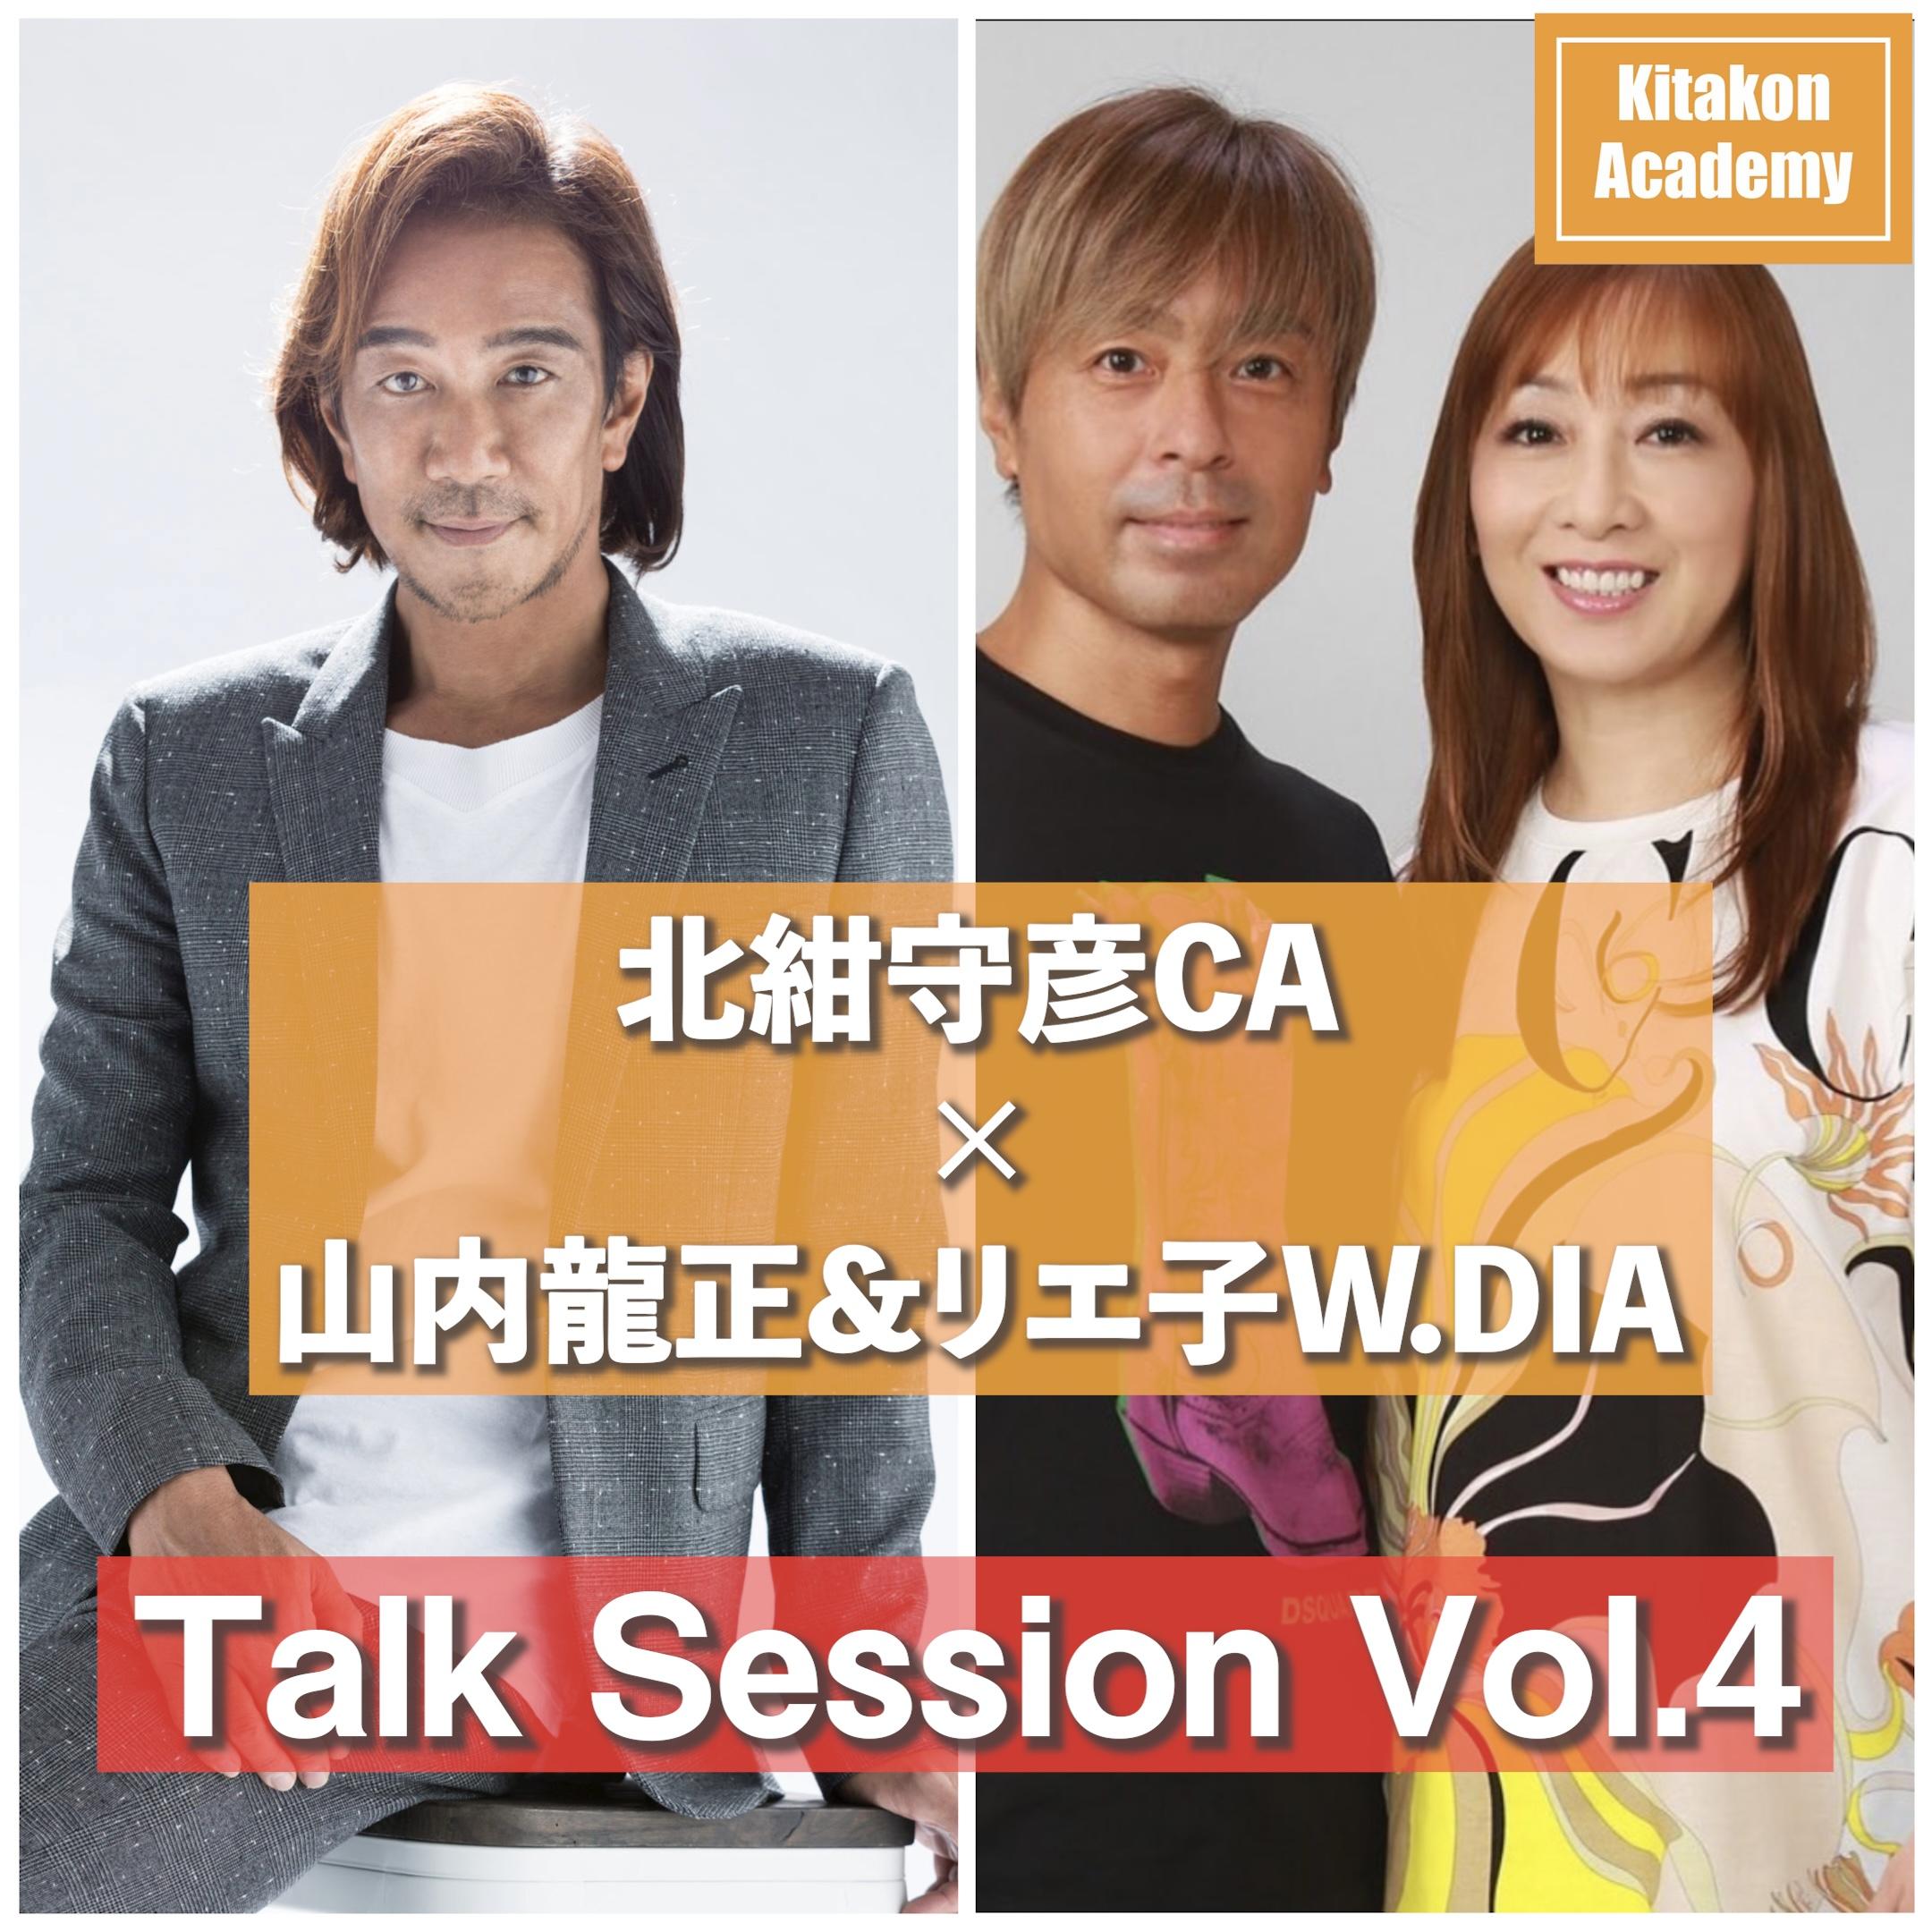 配信: Special Talk Session 山内龍正&リエ子W.Dia✖️北紺守彦CA Vol.4